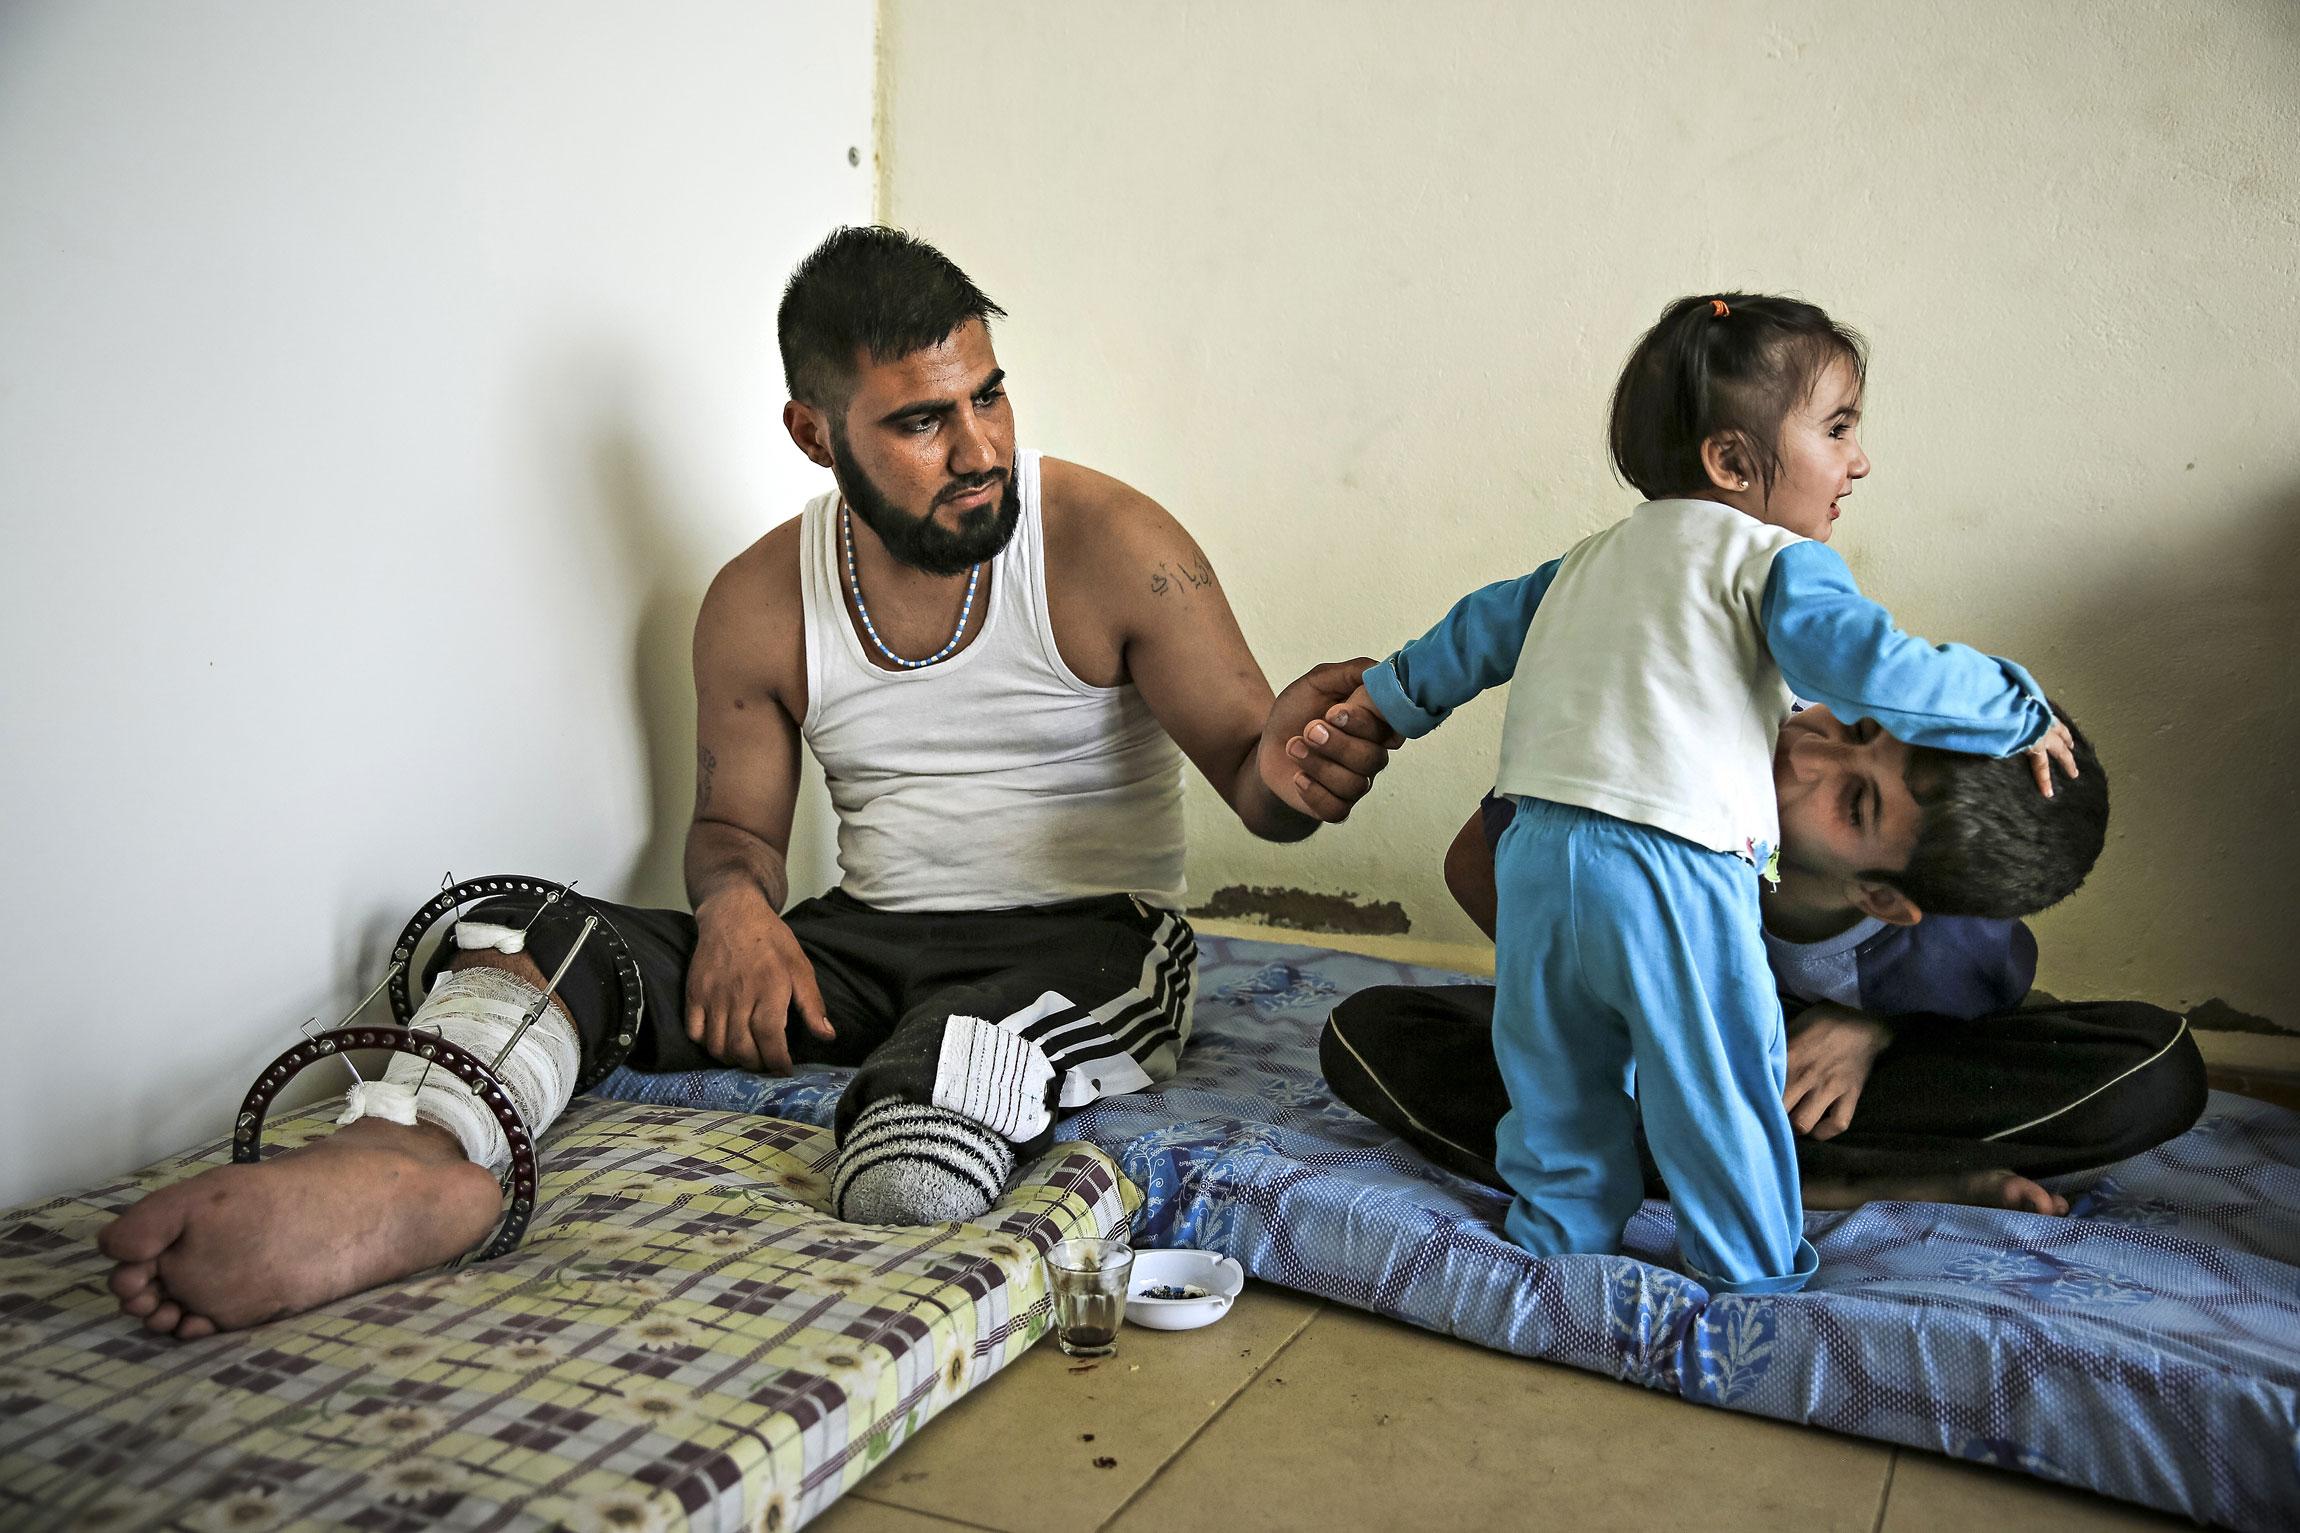 Fadi haavoittui ja toinen jalka jouduttiin amputoimaan. Nyt hän odottaa sodan päättymistä kaupan lattialla. Edessä on häätö jos vuokrarahoja ei löydy.